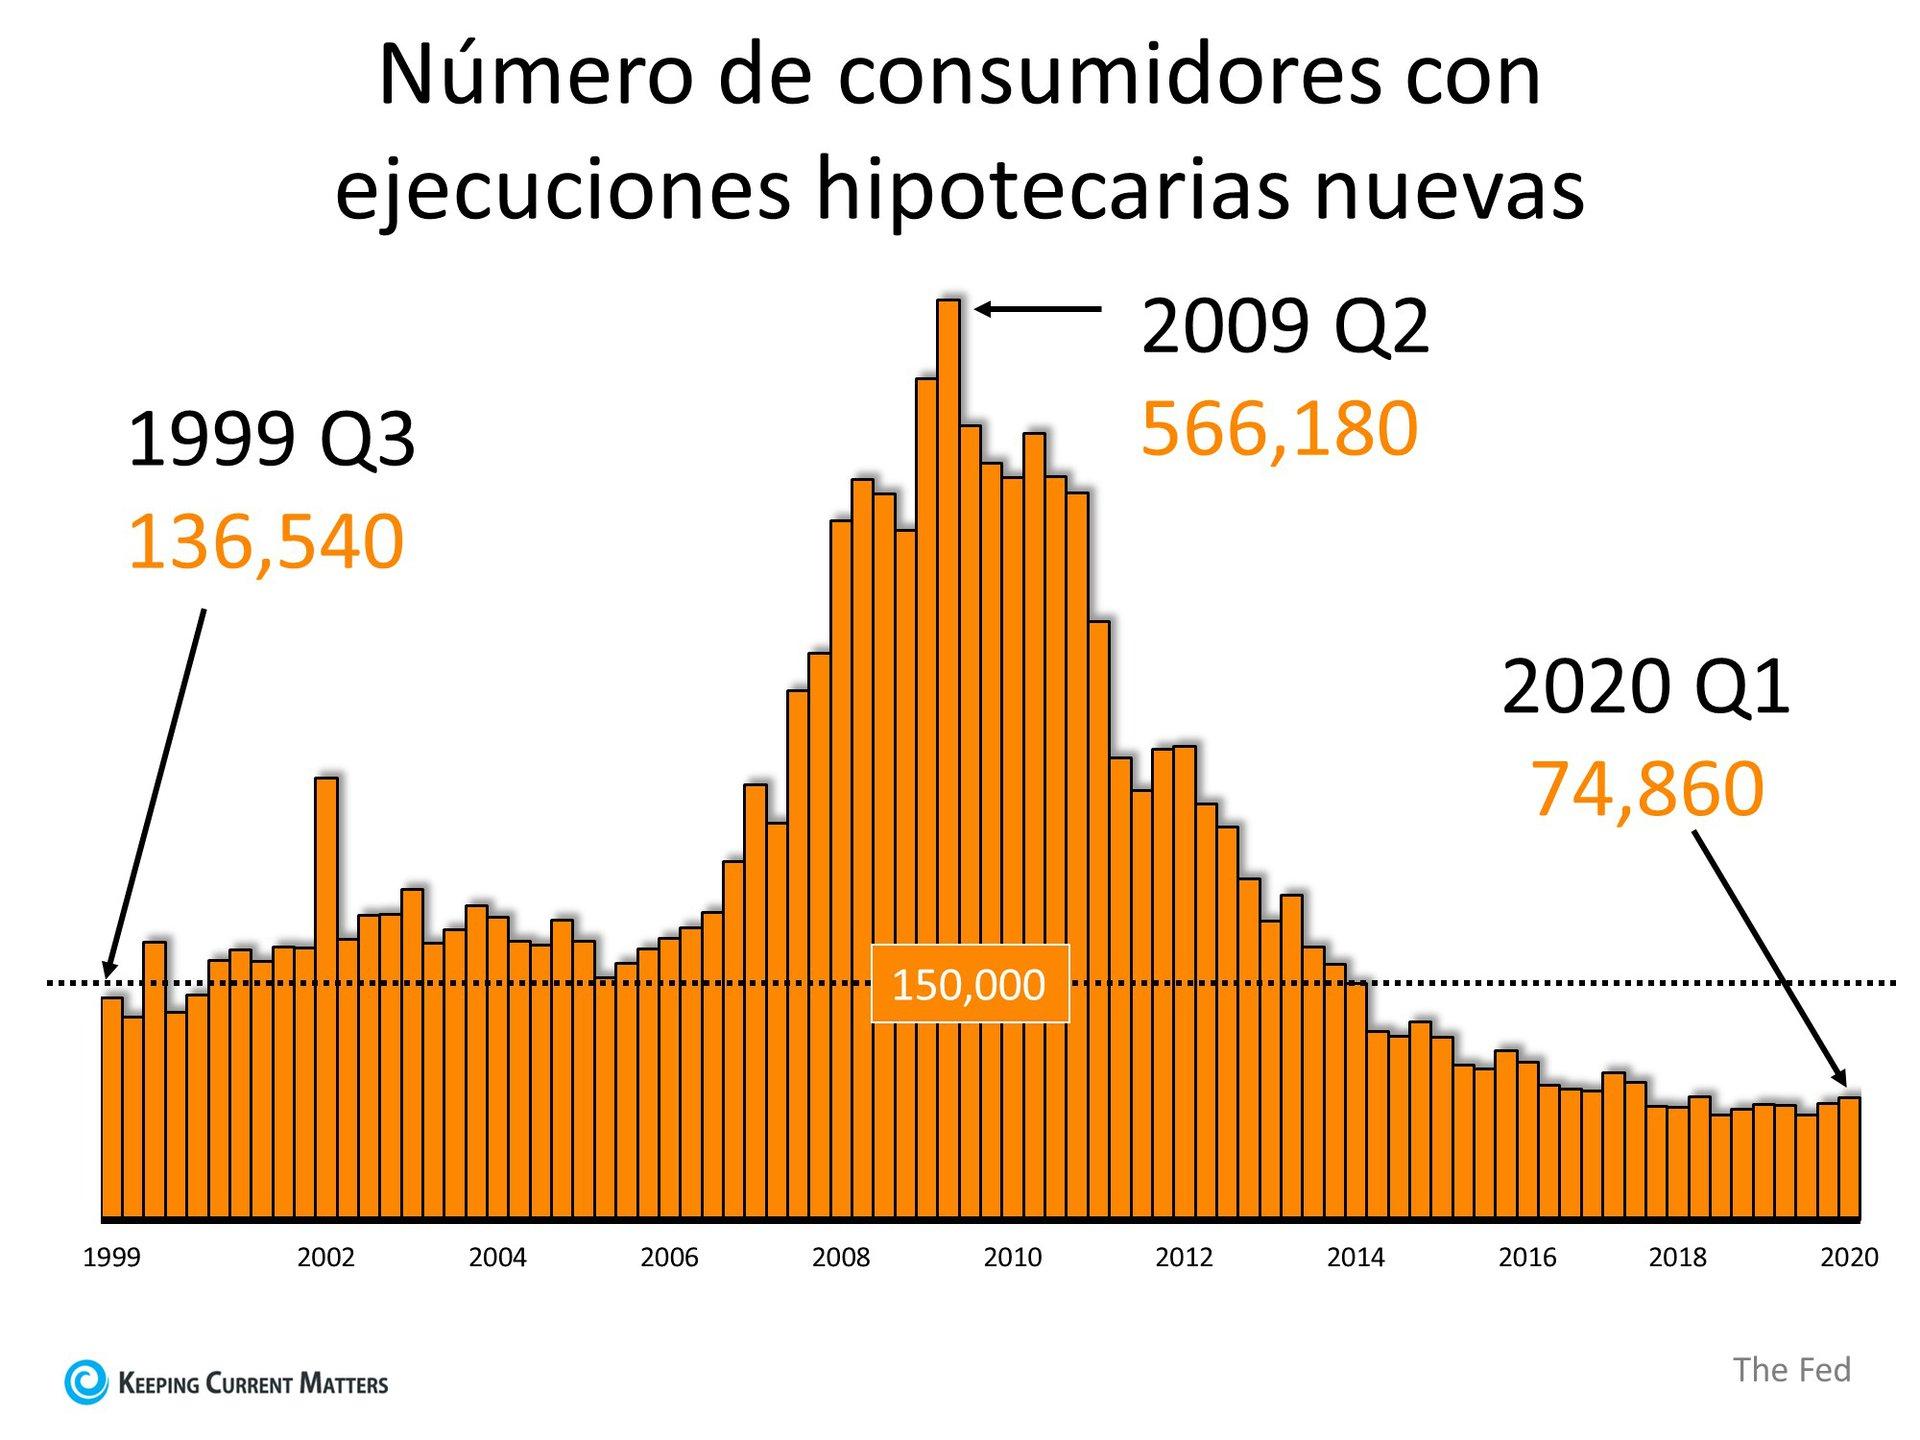 Por qué las ejecuciones hipotecarias no destruirán el mercado de la vivienda el próximo año | Keeping Current Matters